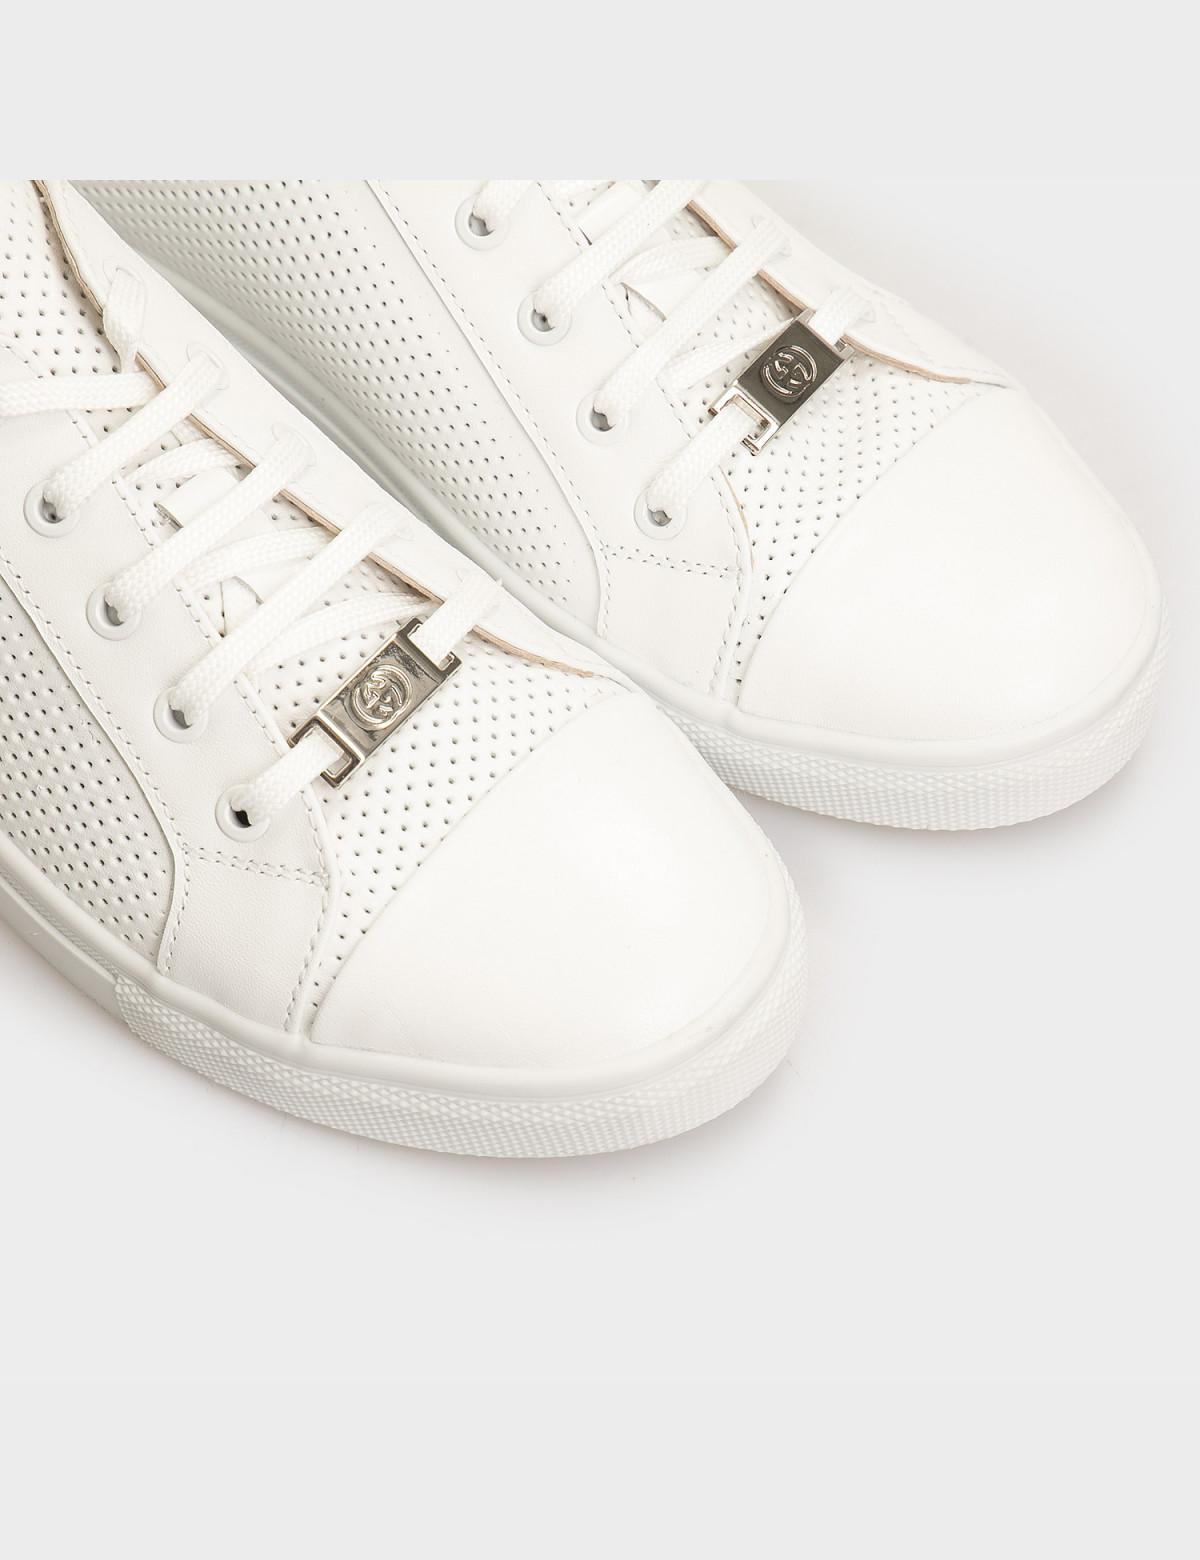 Кеды белые, натуральная кожа4